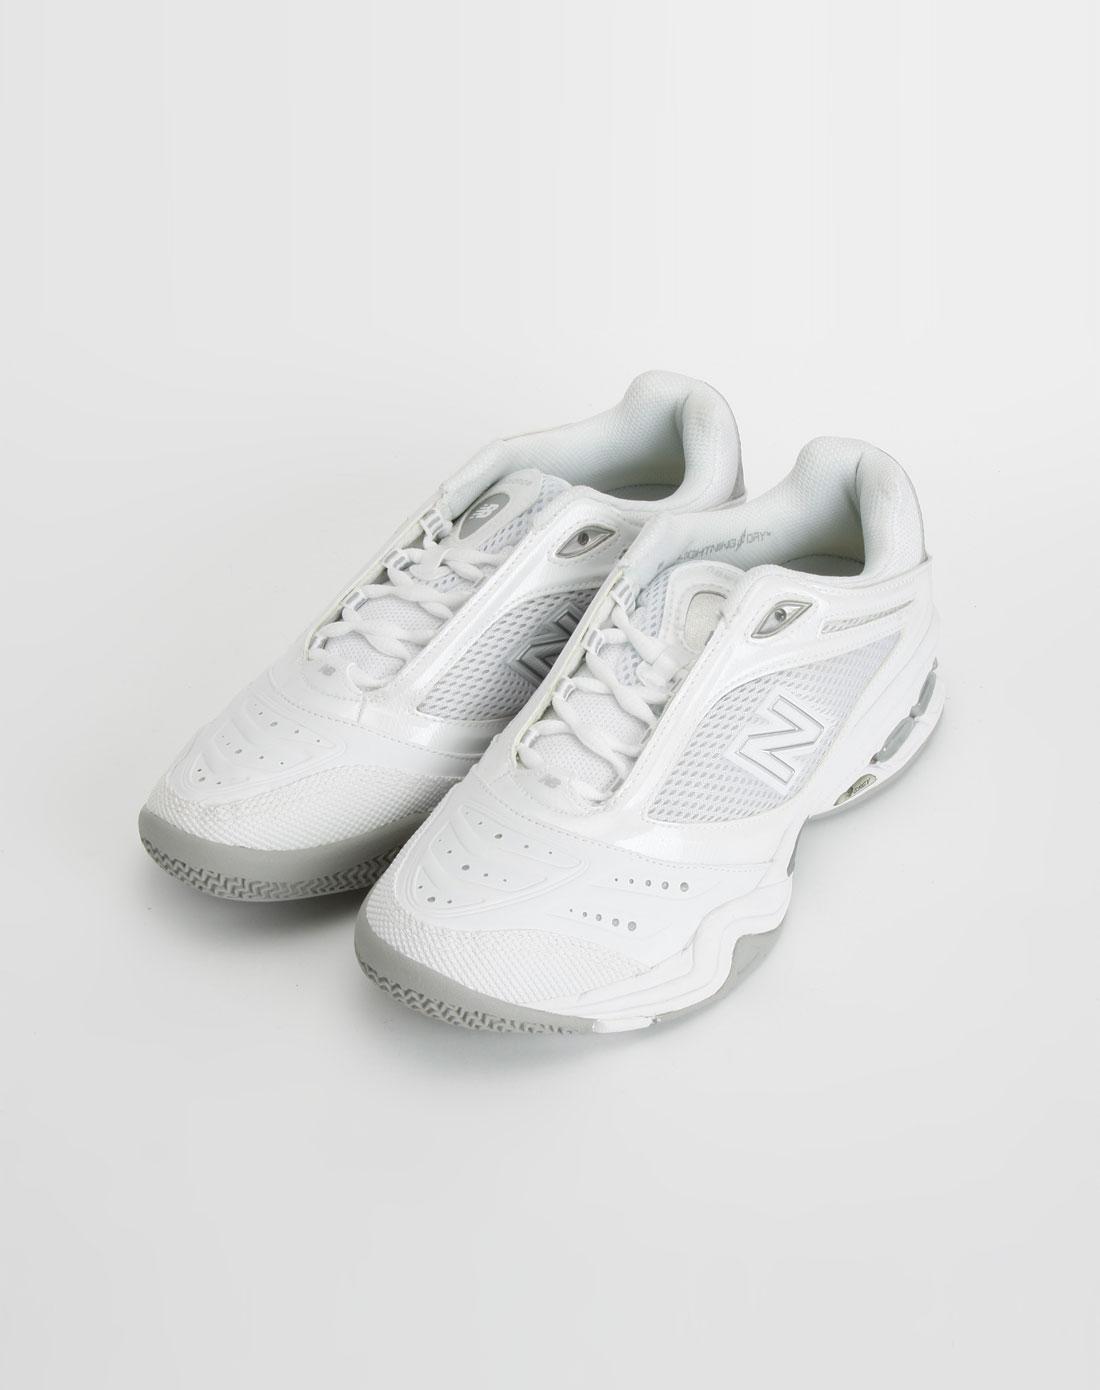 女款白色休闲网球鞋